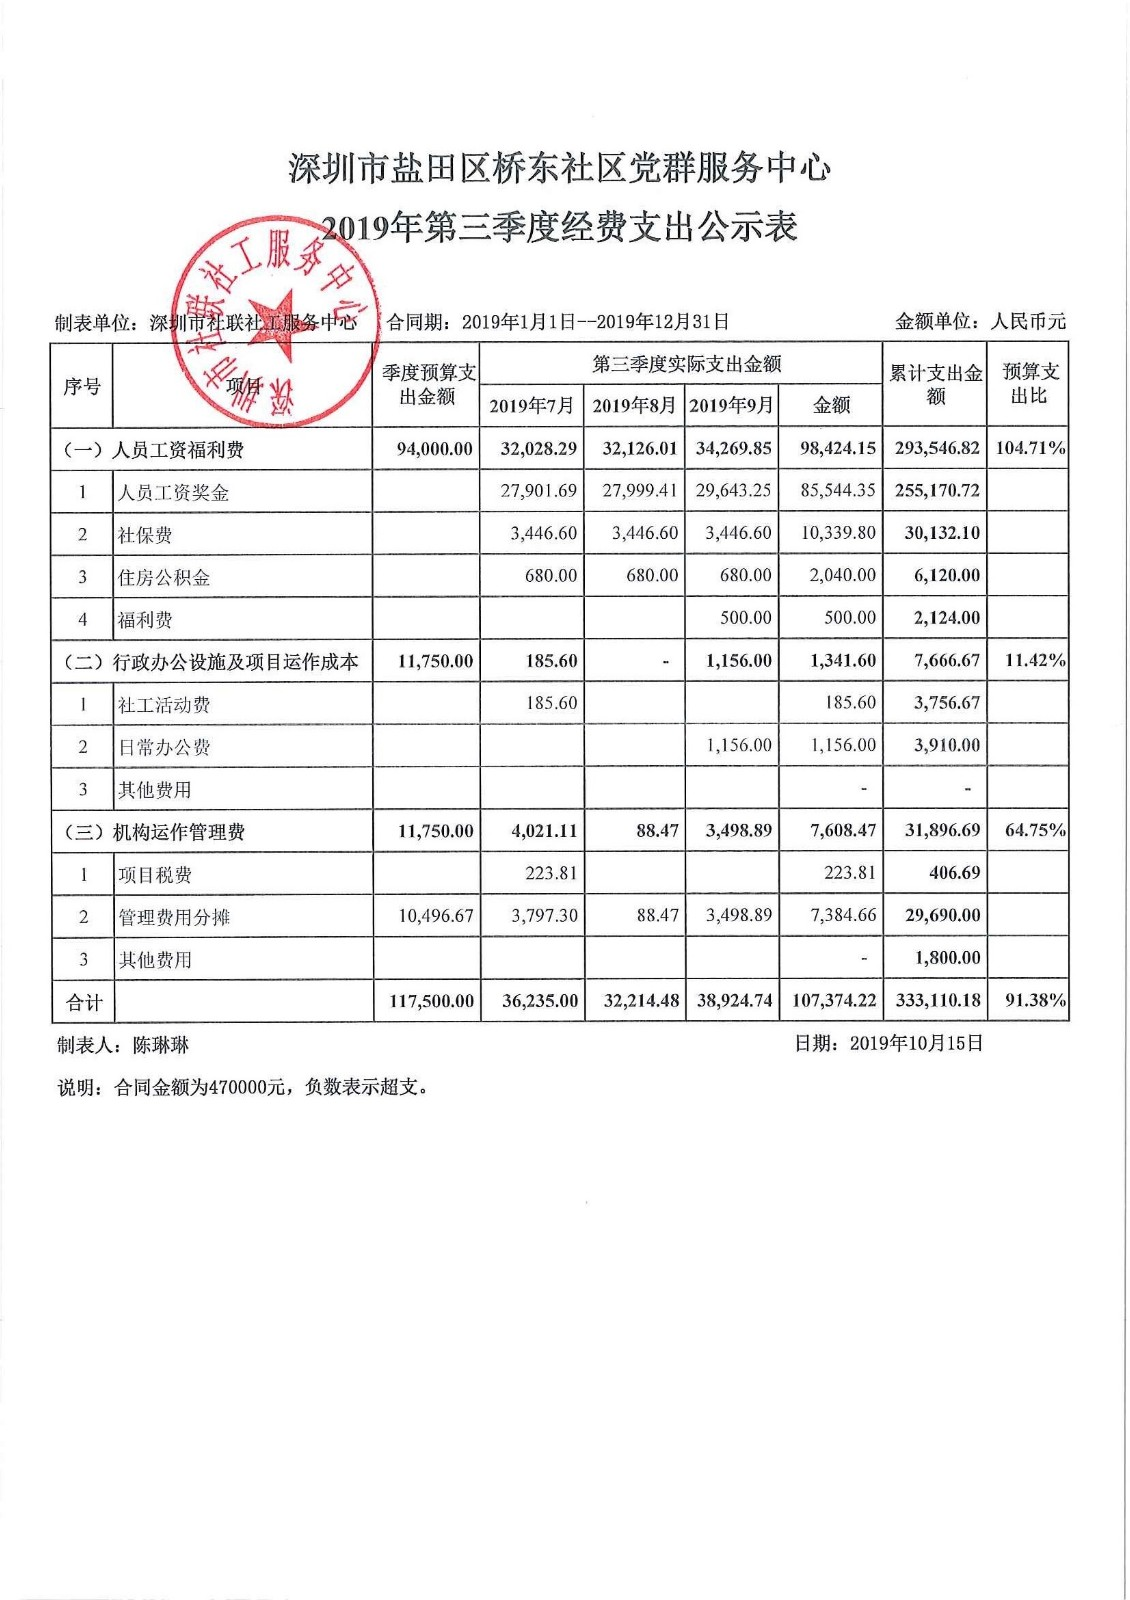 2019年第三季度桥东社区费用公示表